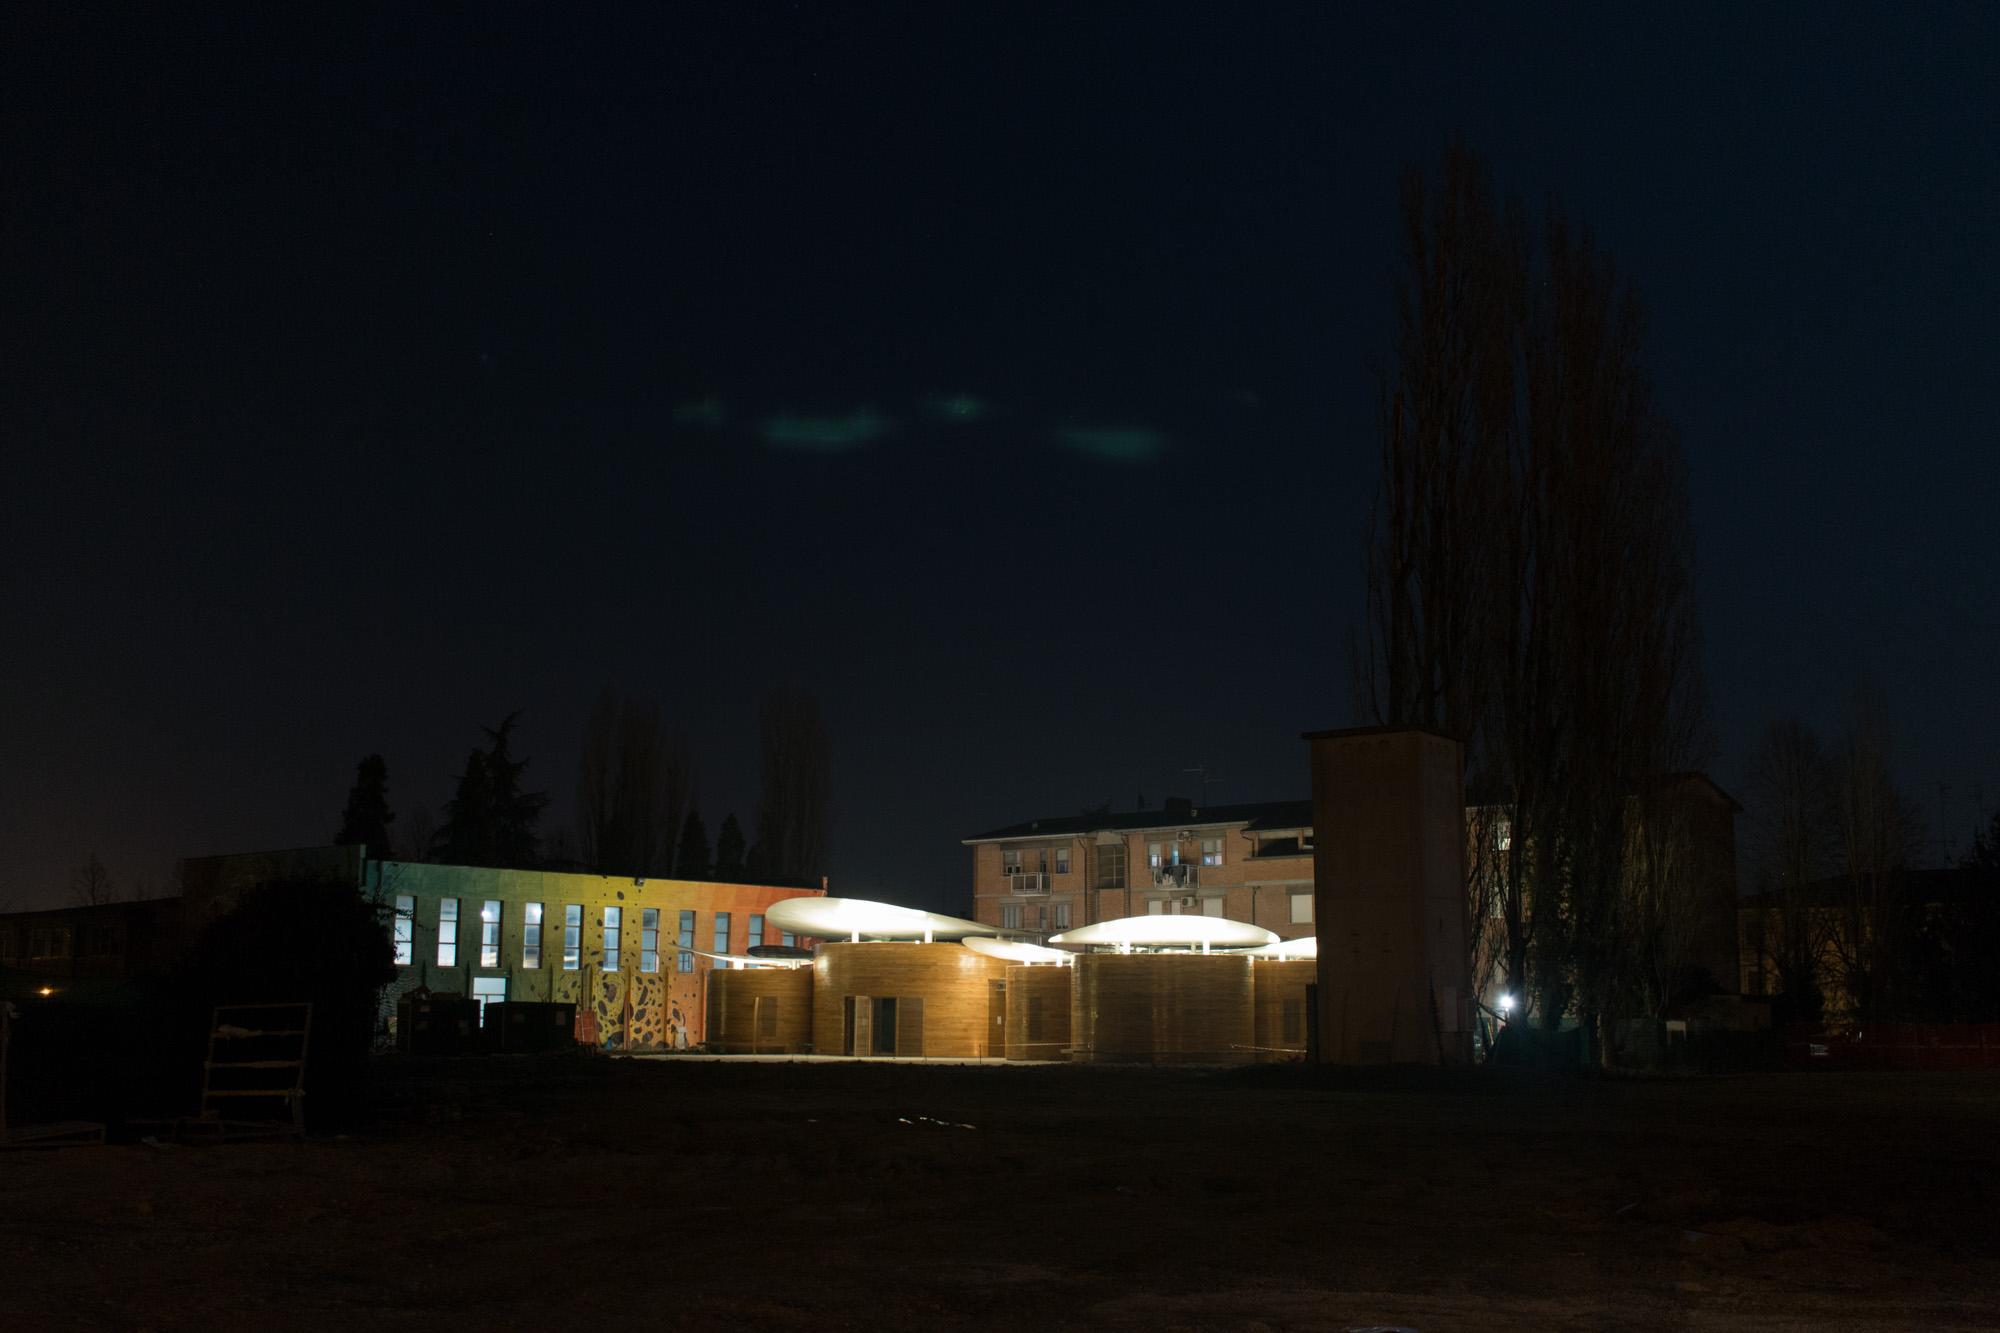 Il bello essenziale nella fotografia notturna 03